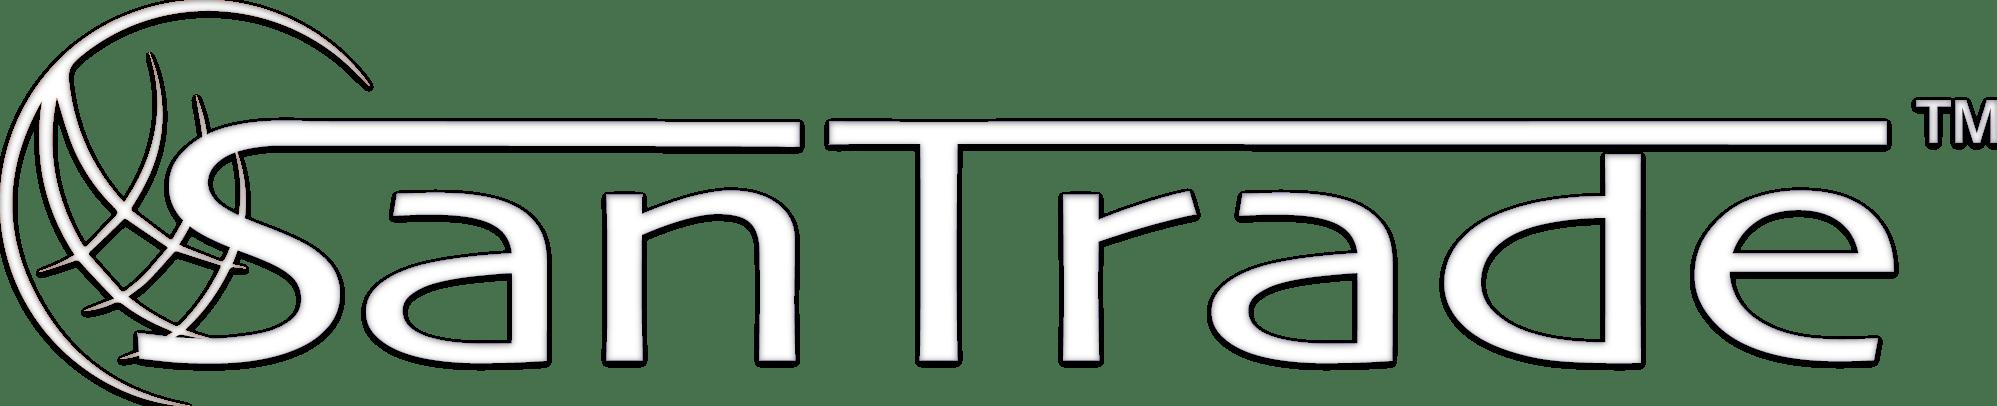 santrade logo